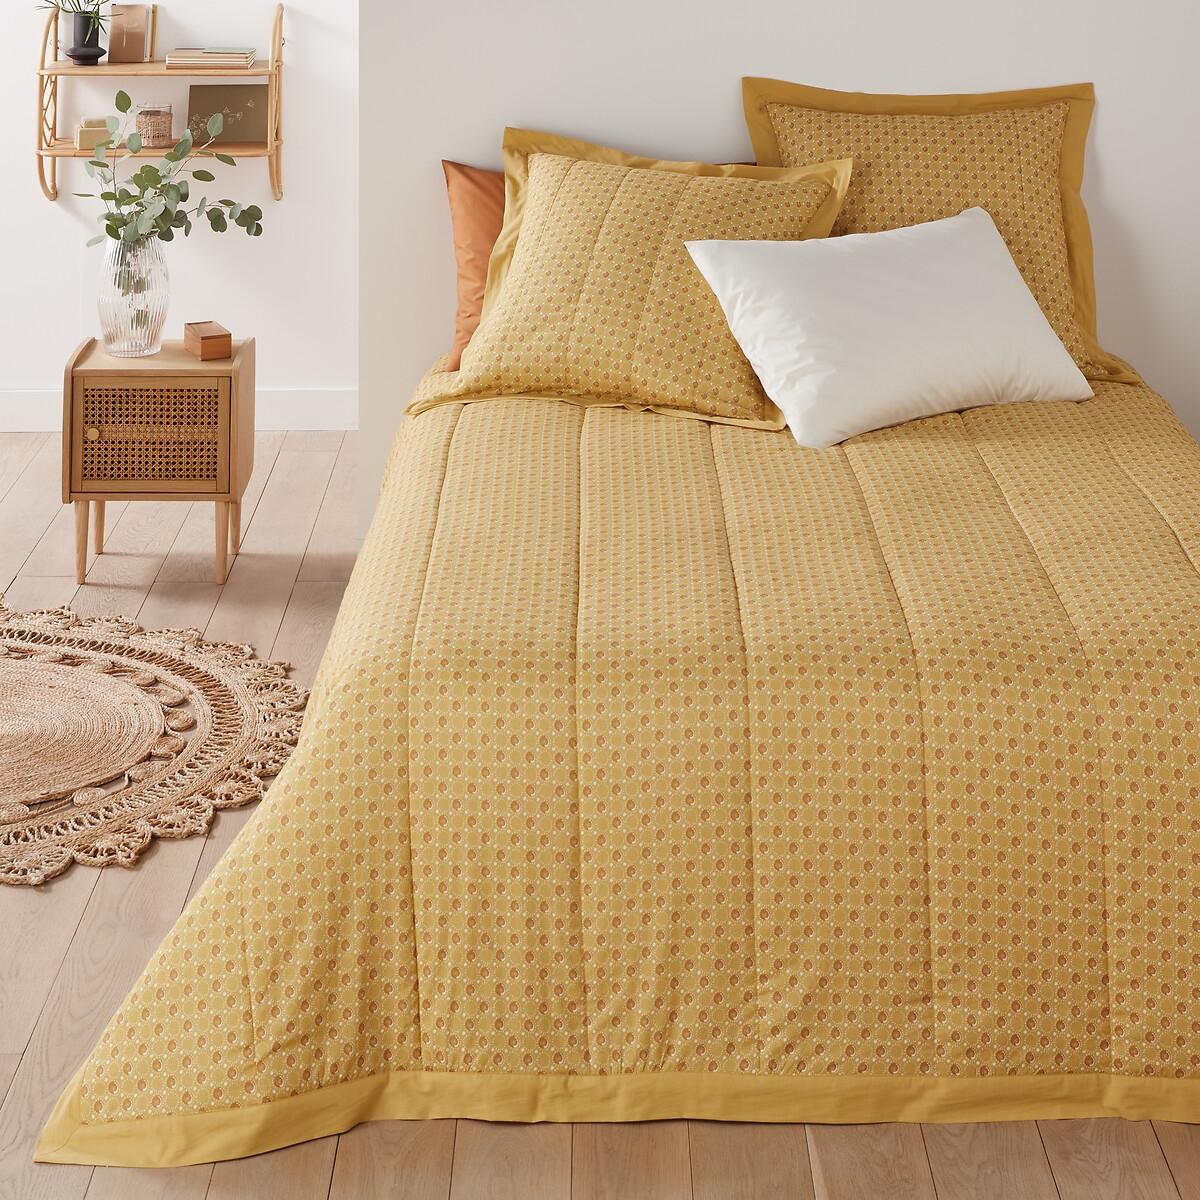 Покрывало LaRedoute Стеганое из 100 хлопковой вуали Tracy 230 x 250 см желтый